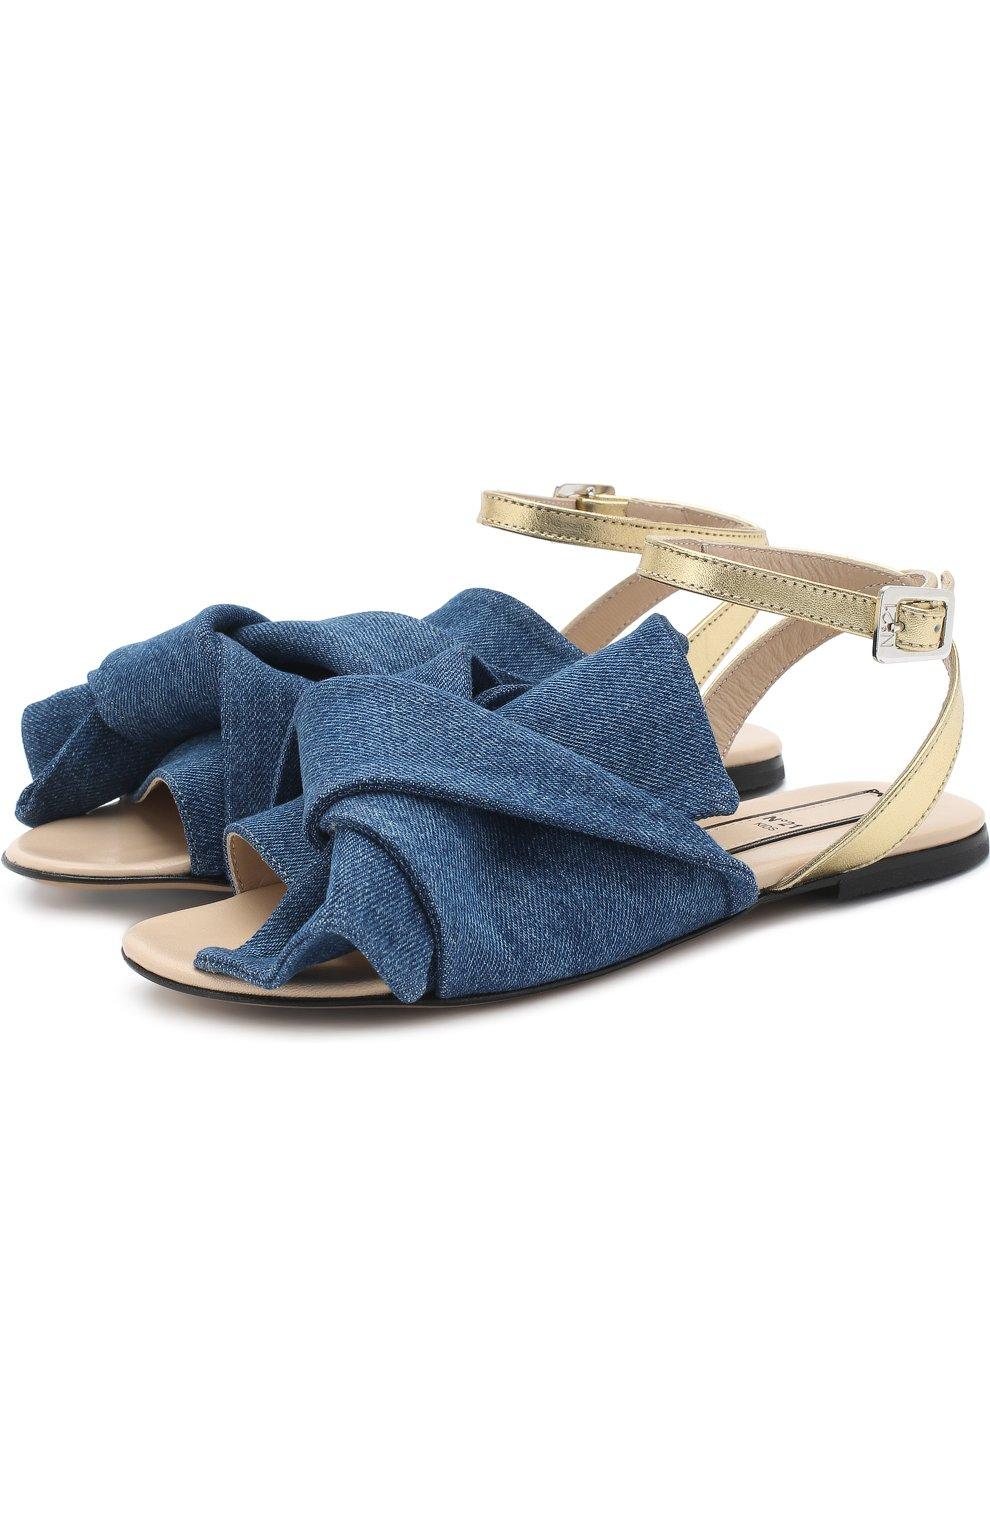 Детские текстильные сандалии с кожаным ремешком и бантом NO. 21 синего цвета, арт. 54606/36-41 | Фото 1